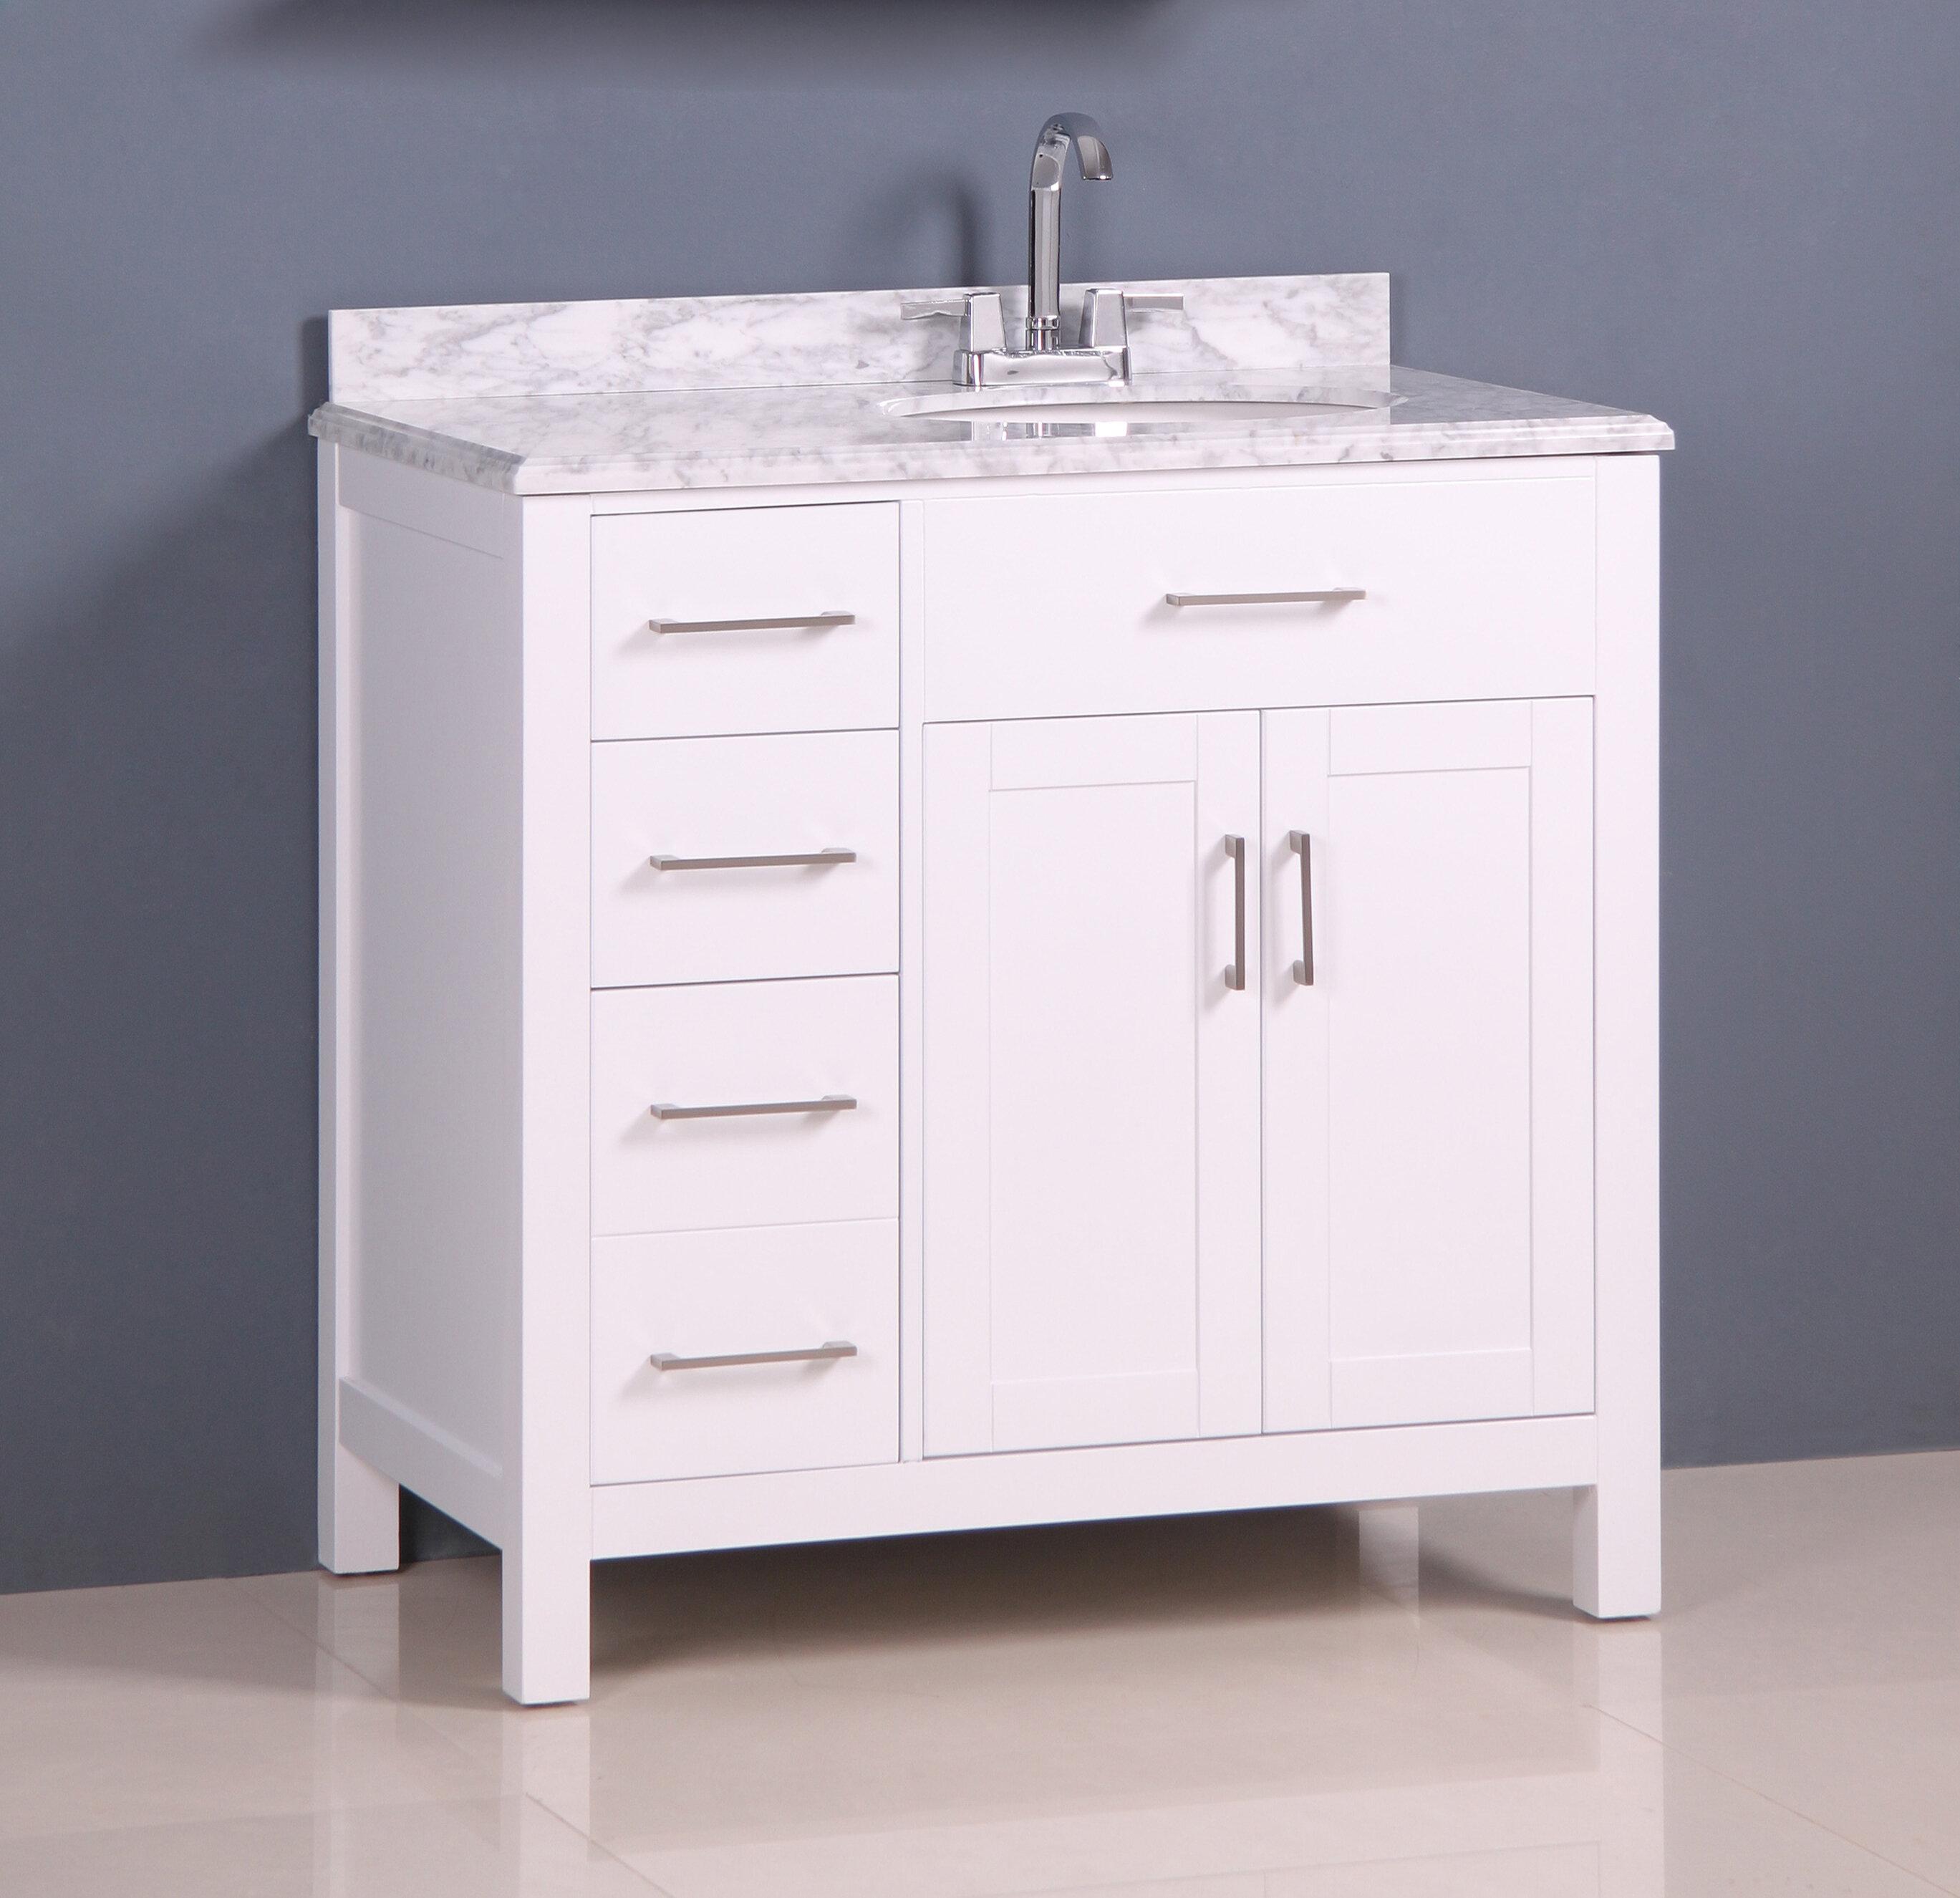 in single vanity veneer wood amimage bathroom cherry transitional inch